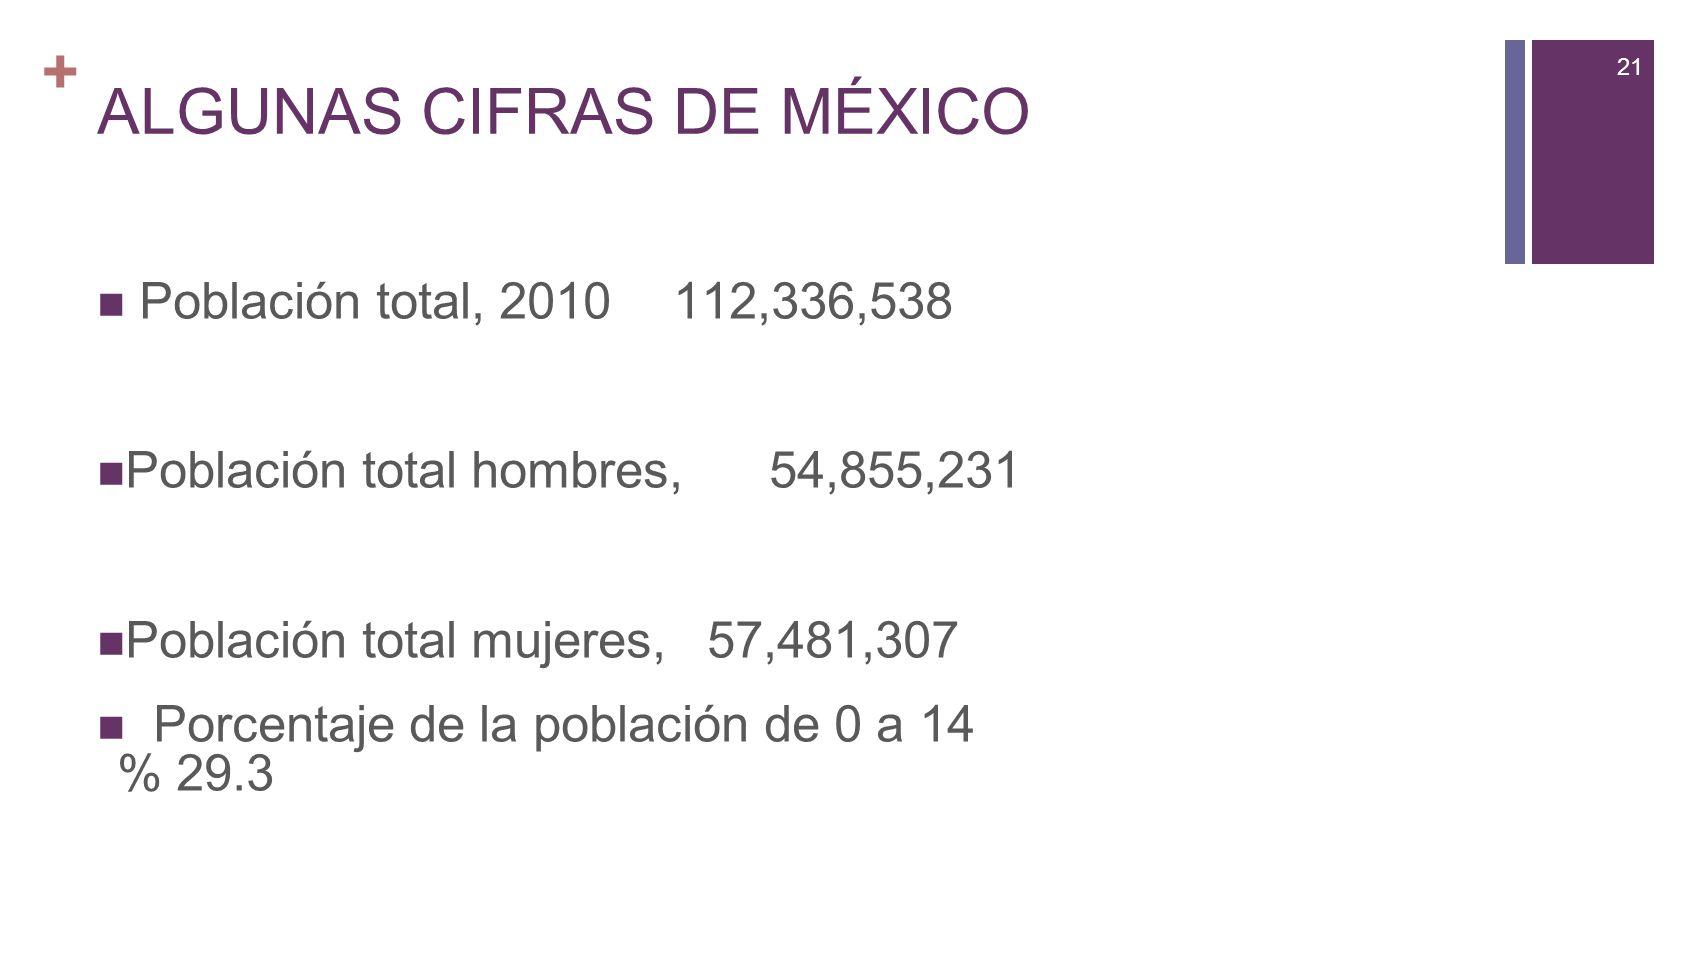 21 + ALGUNAS CIFRAS DE MÉXICO Población total, 2010112,336,538 Población total hombres,54,855,231 Población total mujeres, 57,481,307 Porcentaje de la población de 0 a 14 % 29.3